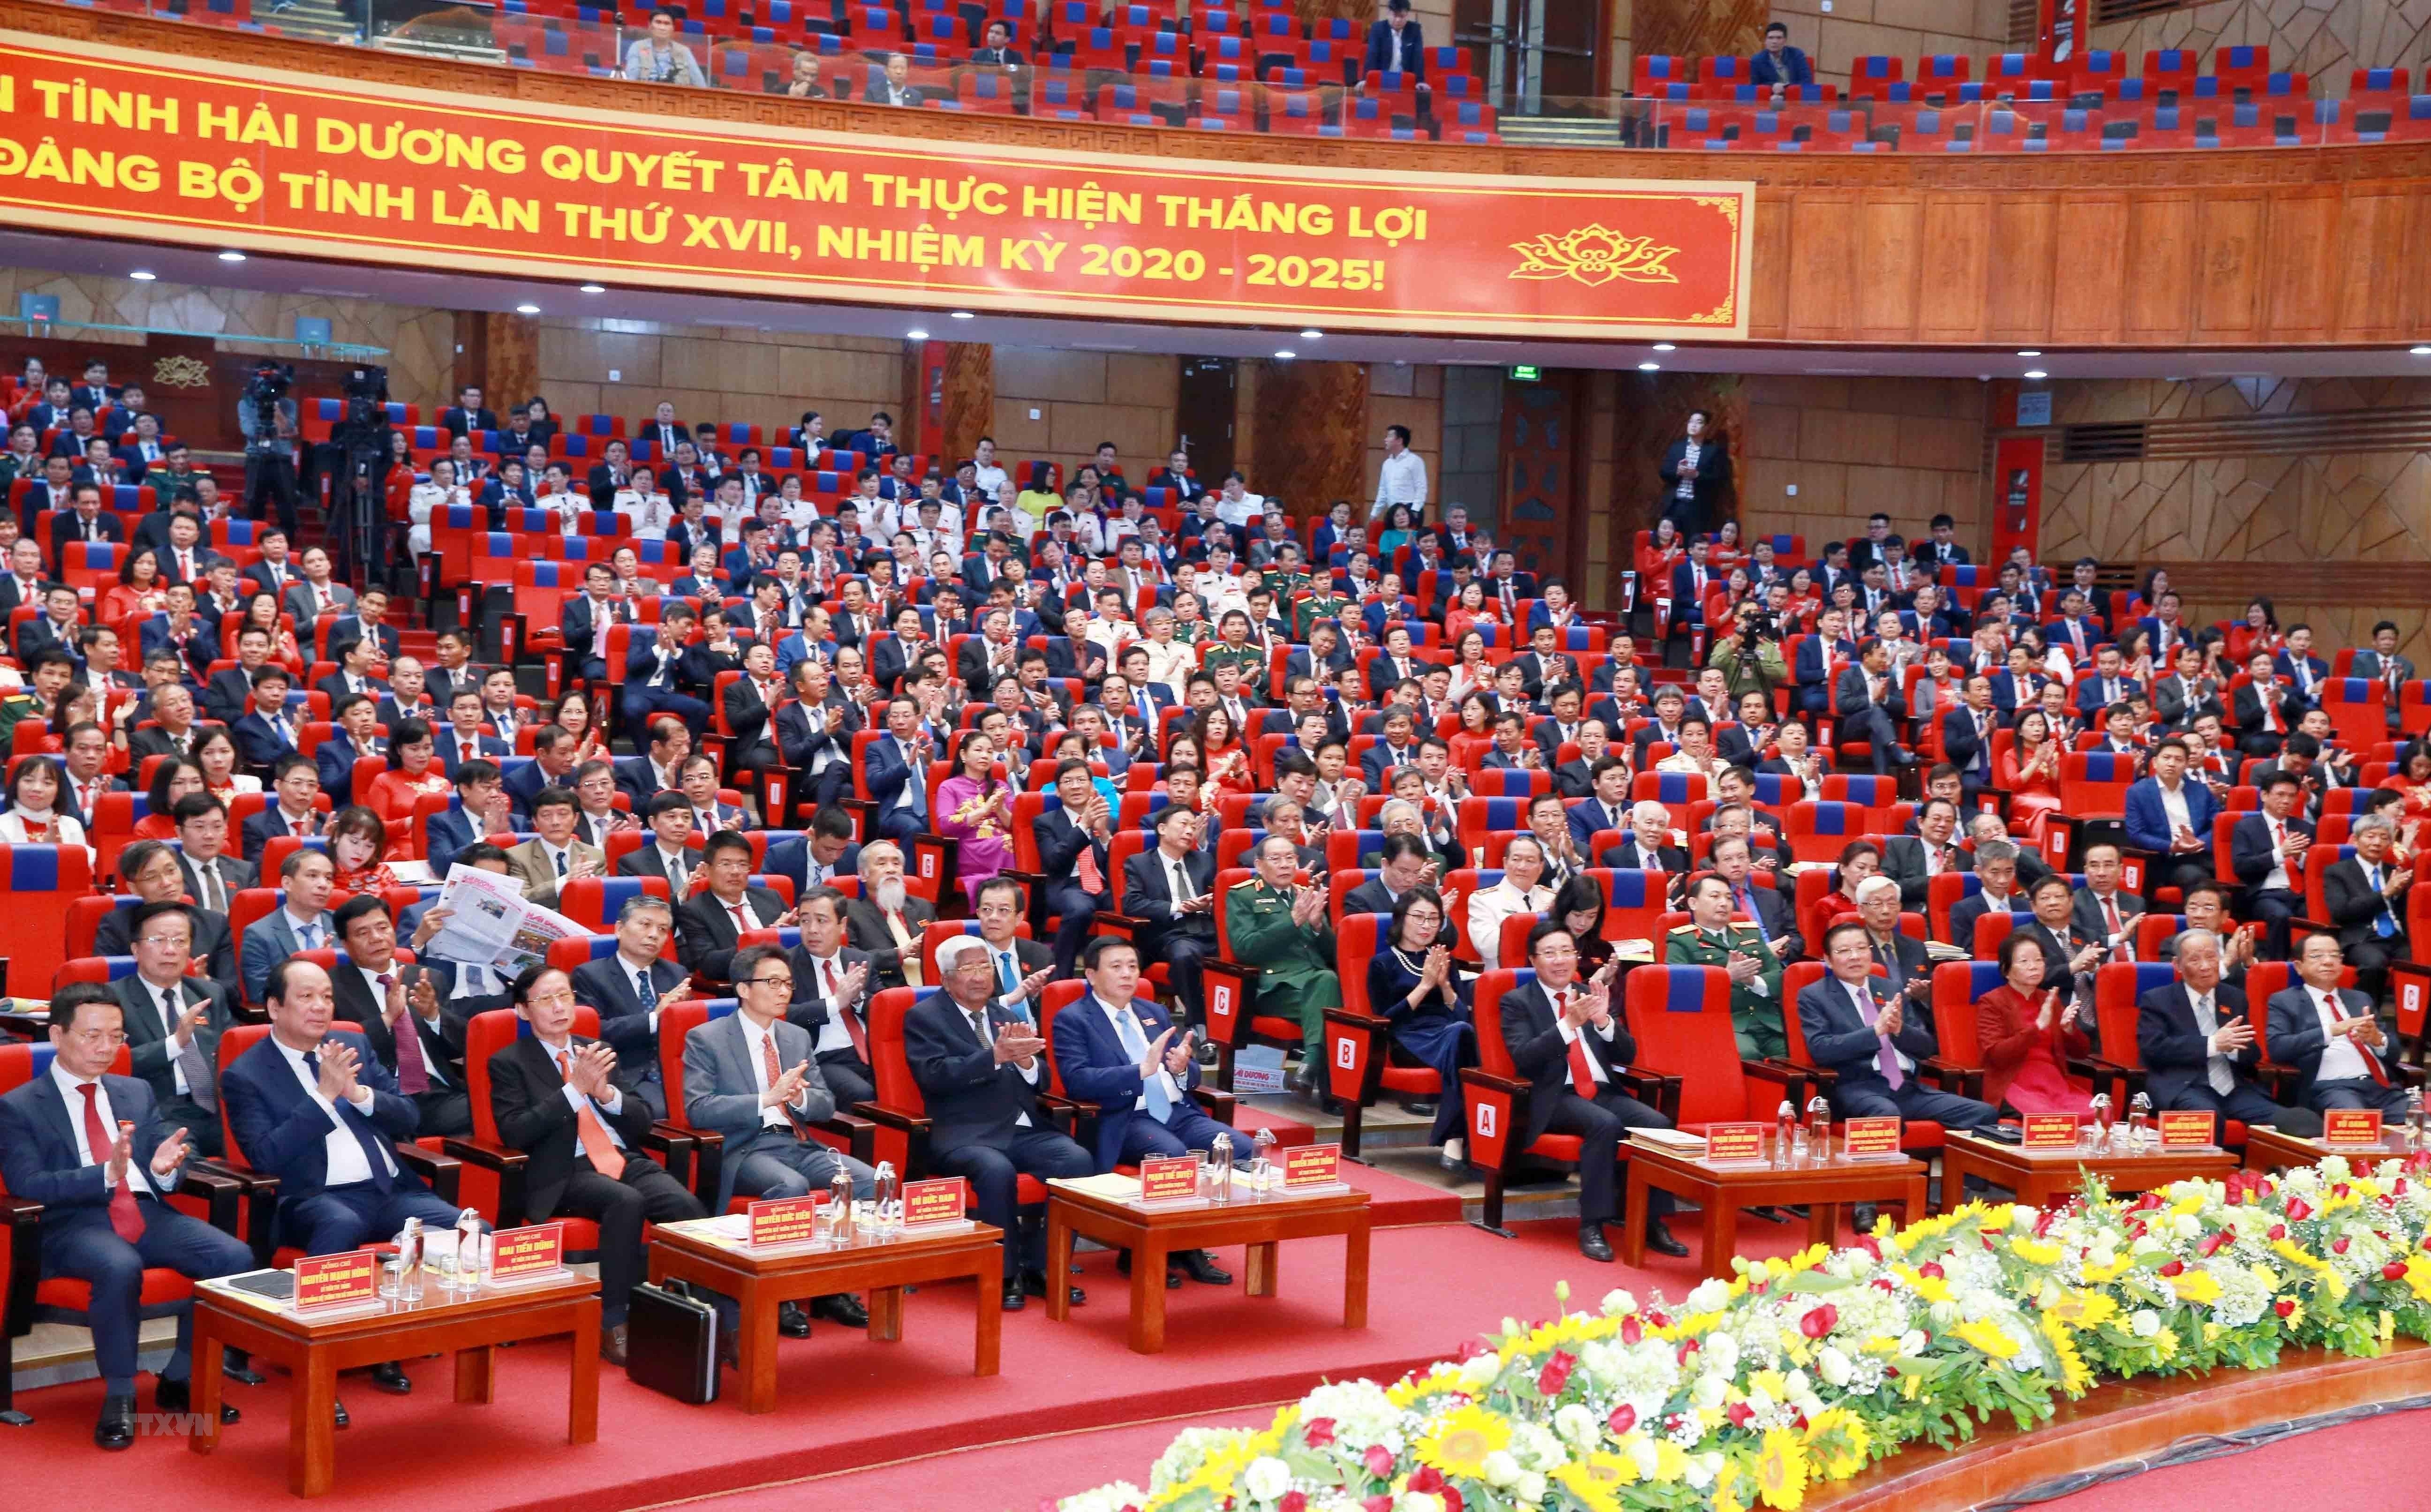 [Photo] Dai hoi dai bieu Dang bo tinh Hai Duong lan thu XVII hinh anh 8